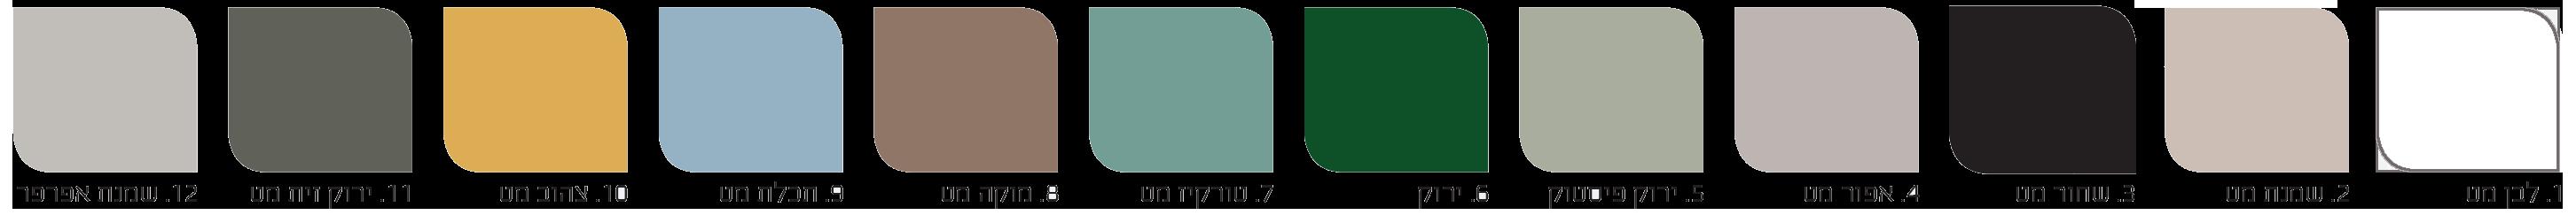 פלטת צבעים לארון